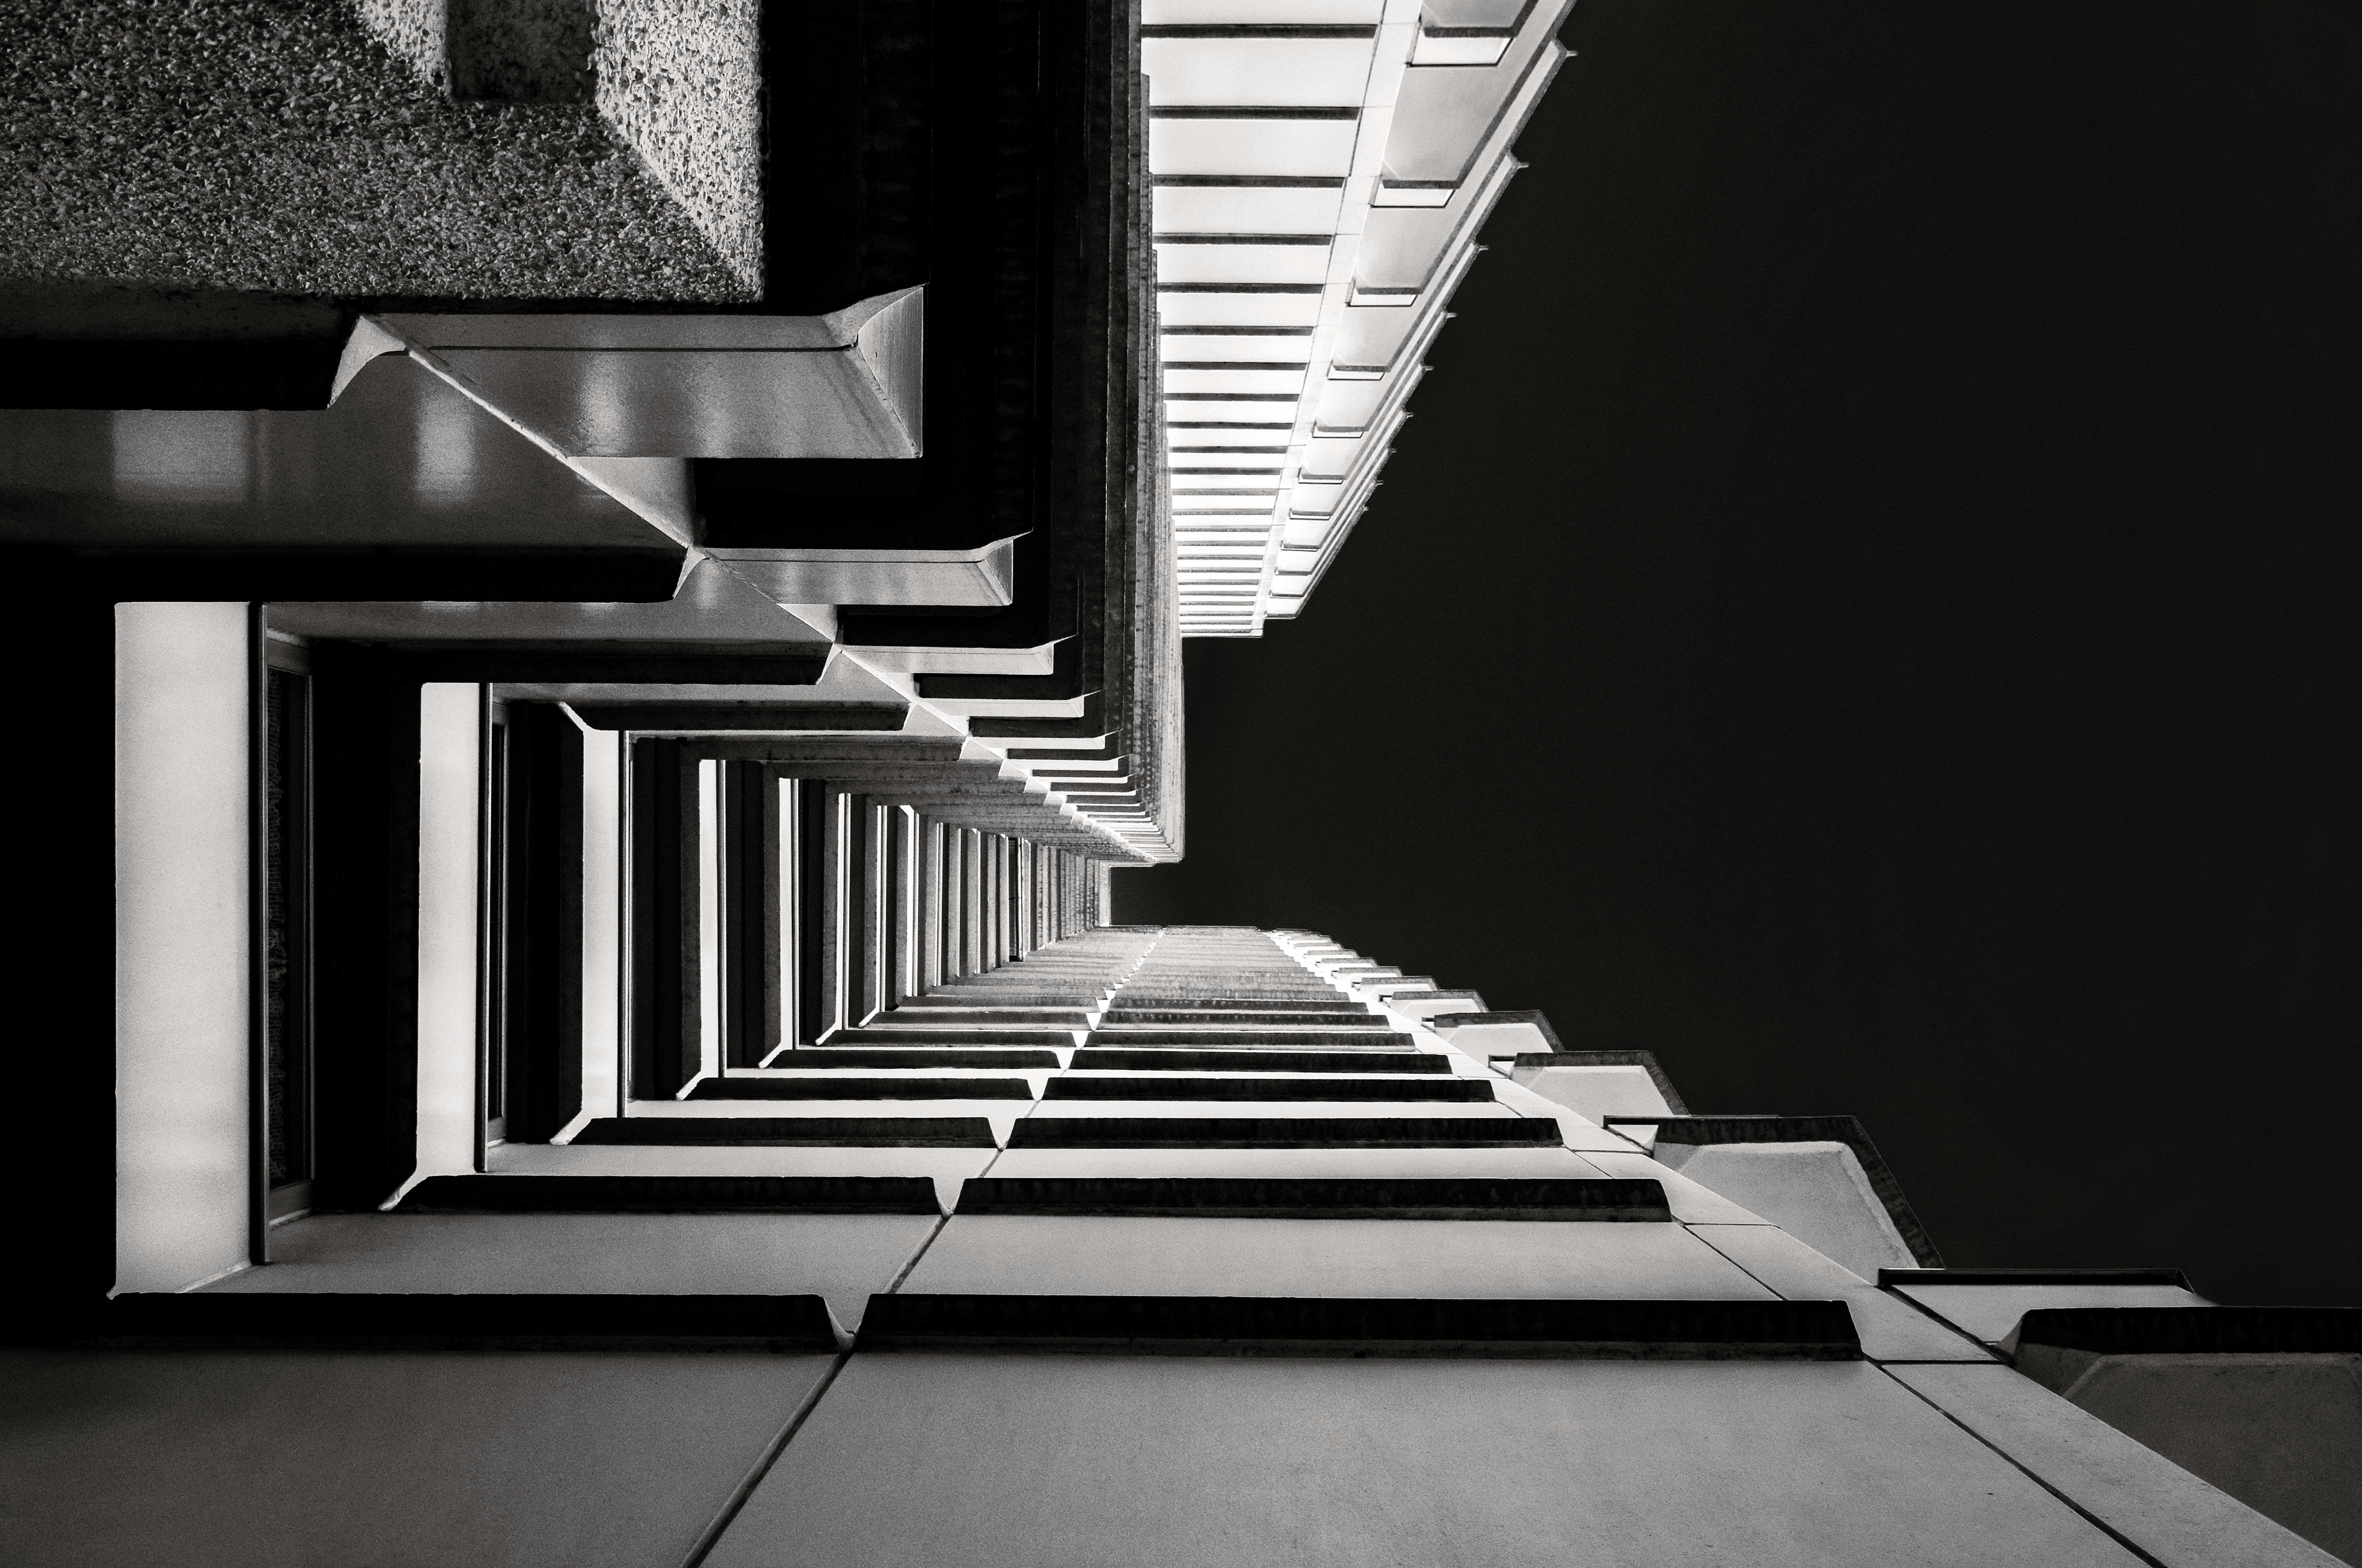 Photo du mois 09/2018 - Thème Architecture